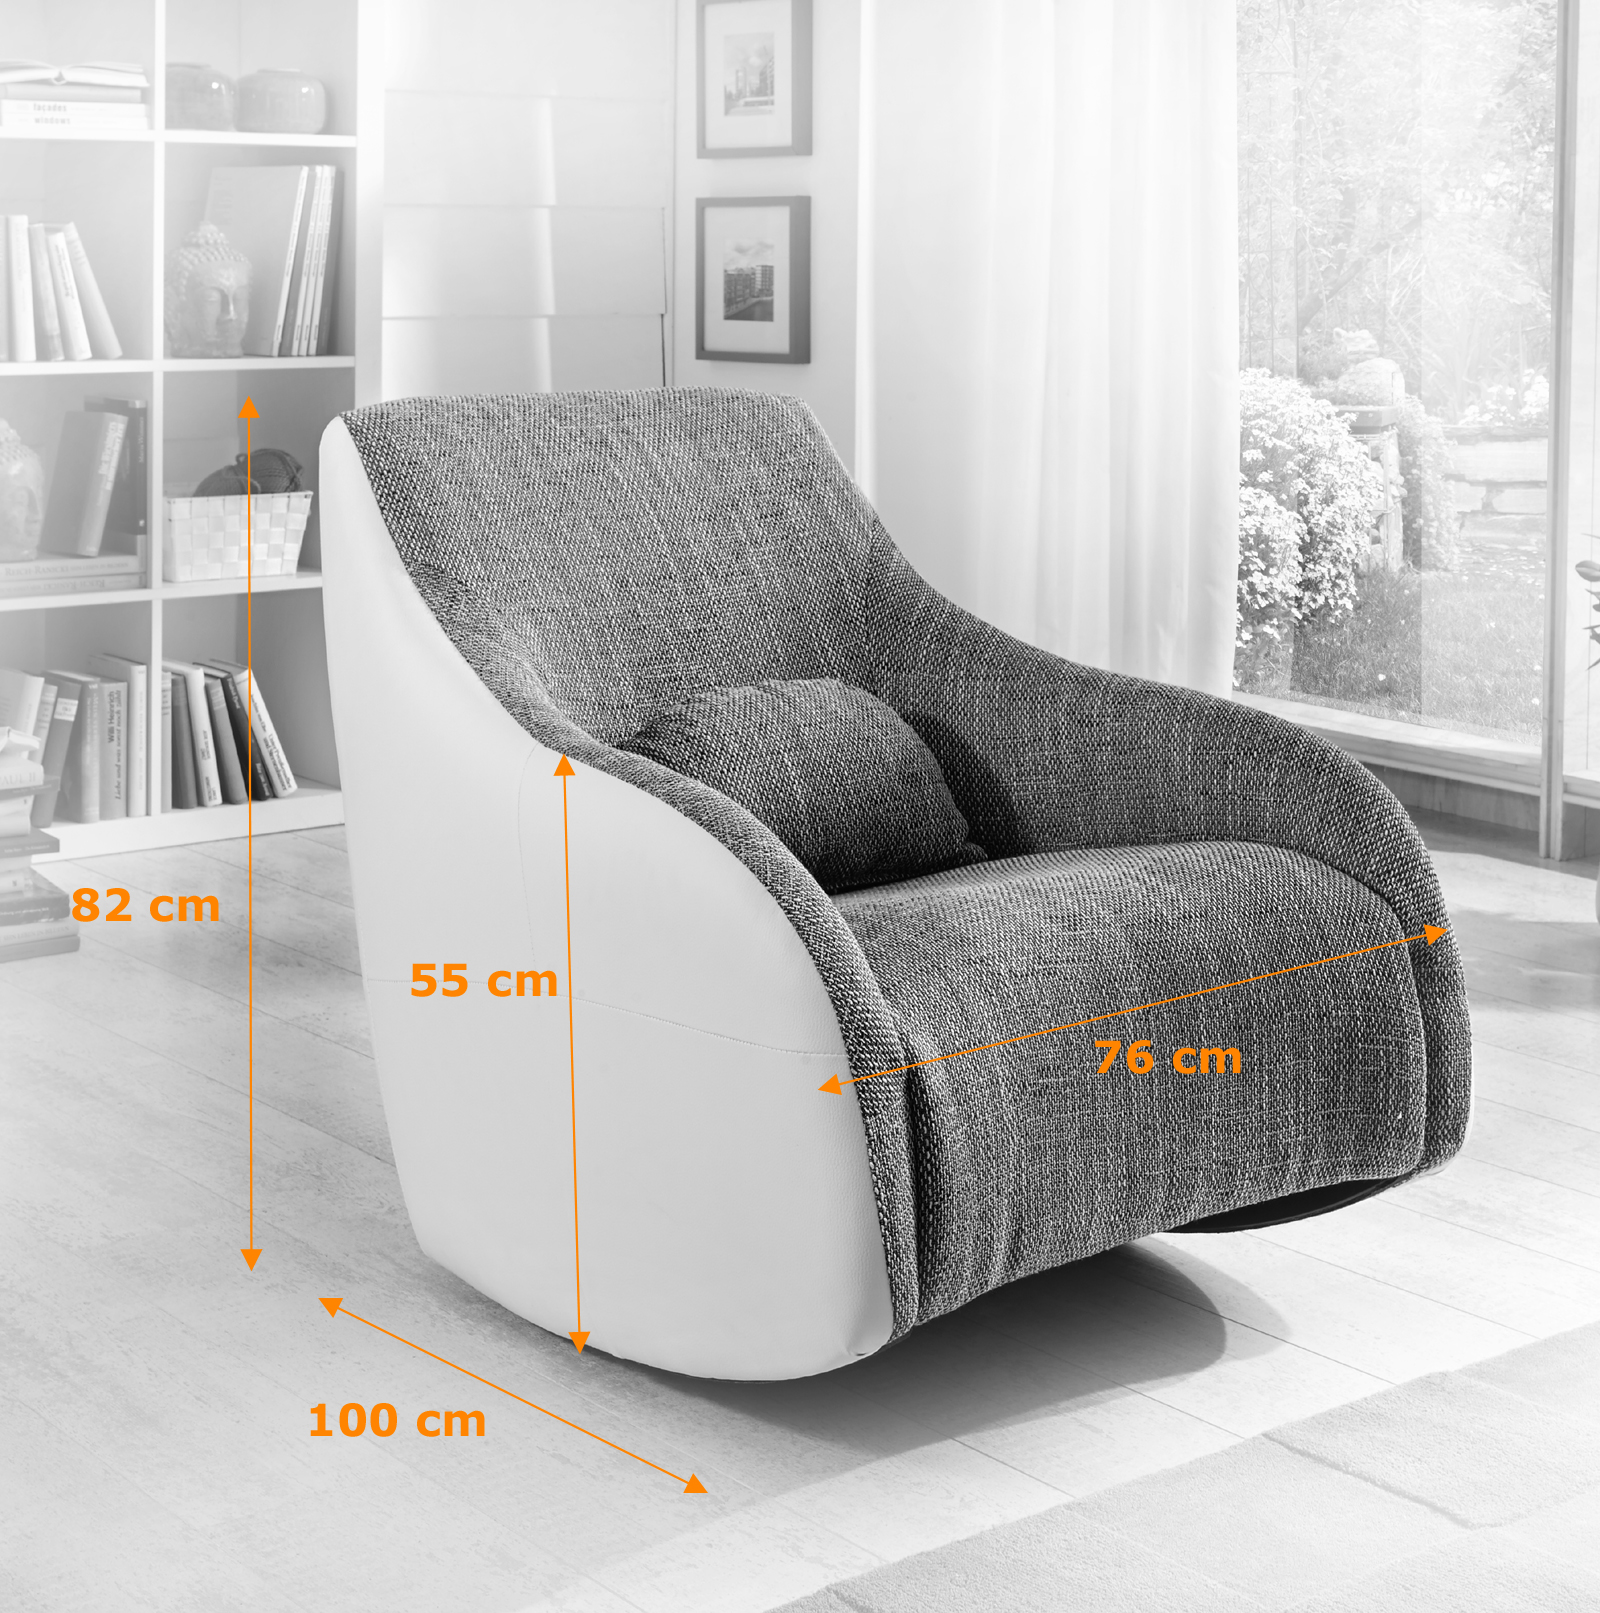 wohnzimmer sessel ~ poipuview.com - Sessel Wohnzimmer Design